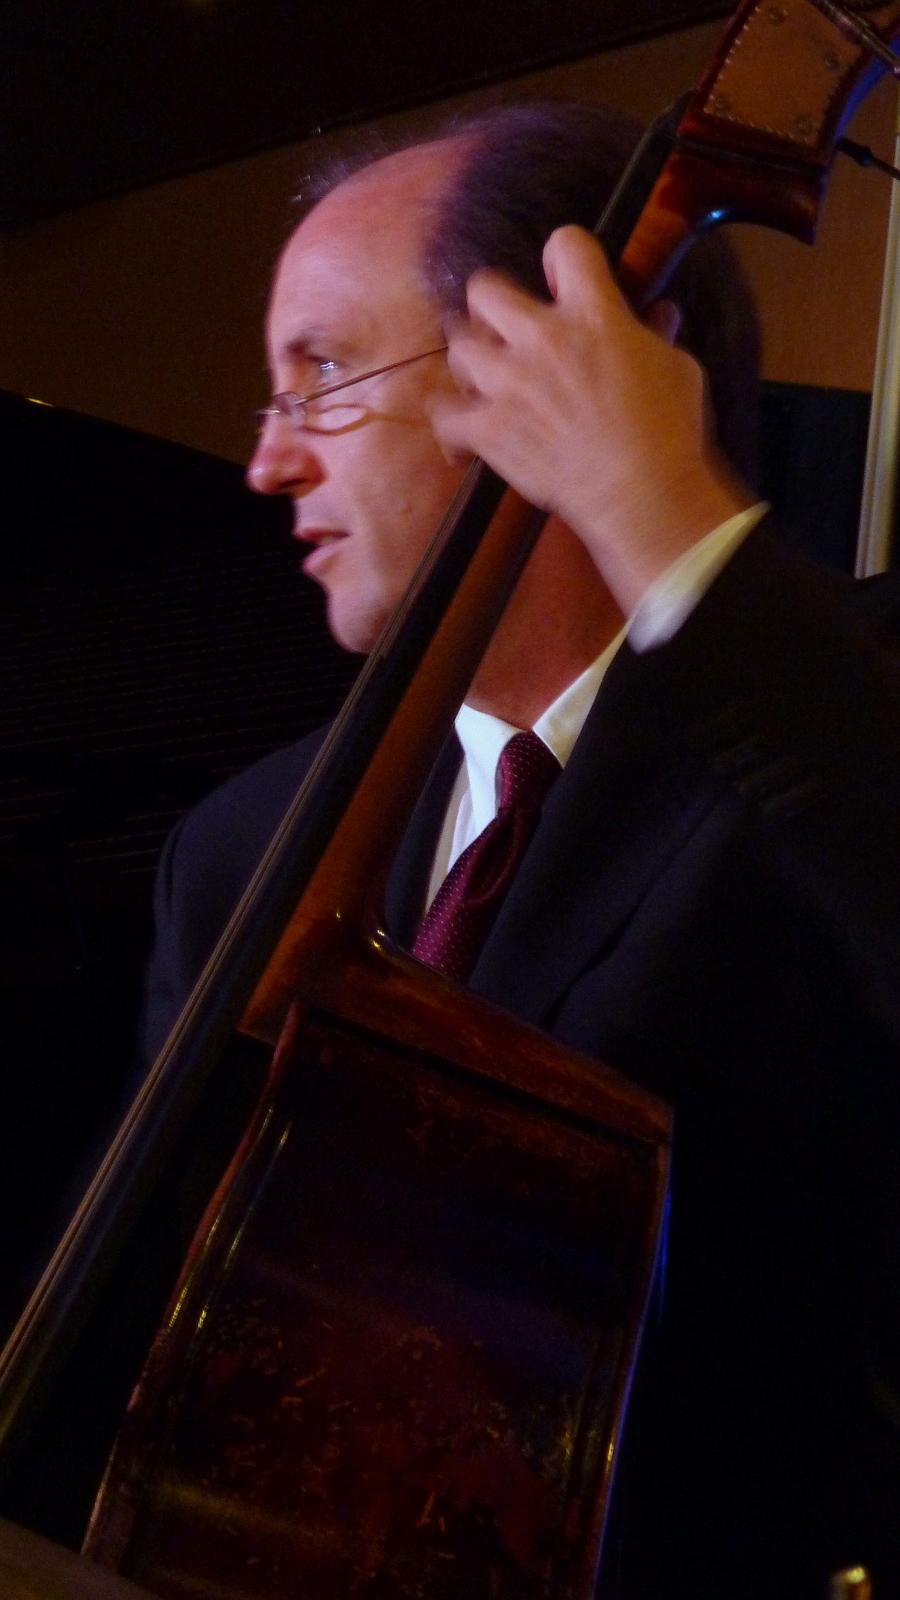 Bassist Russell Botten